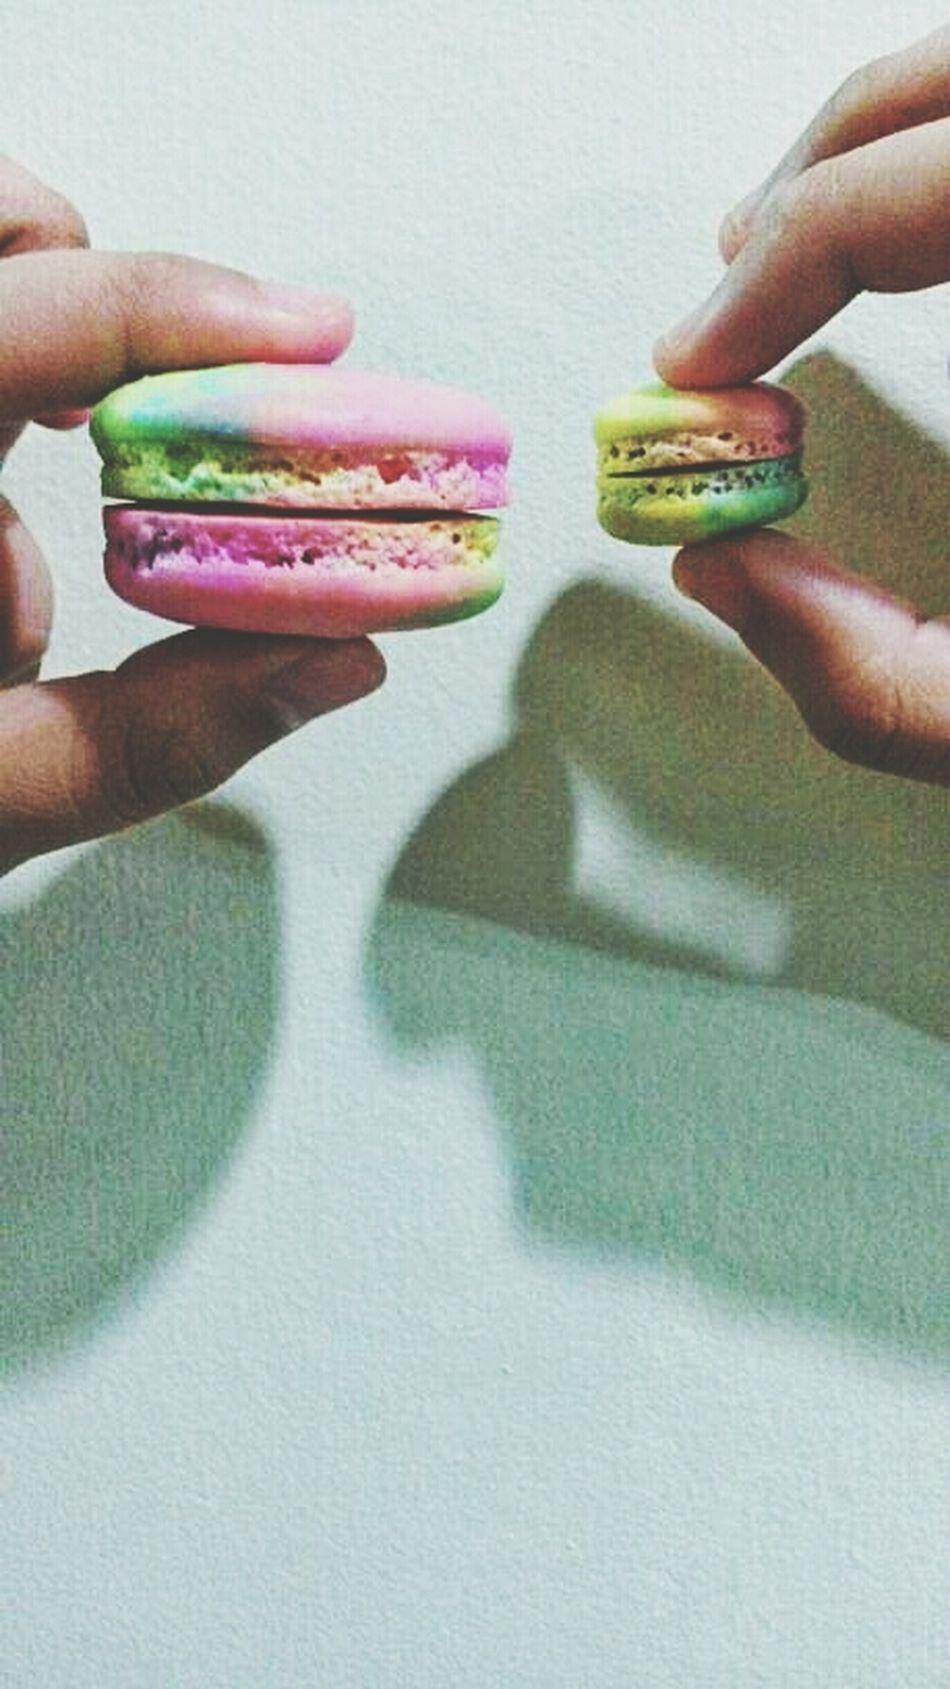 rainbowwww Macaron Frenchmacaron Rainbow Paddlepop